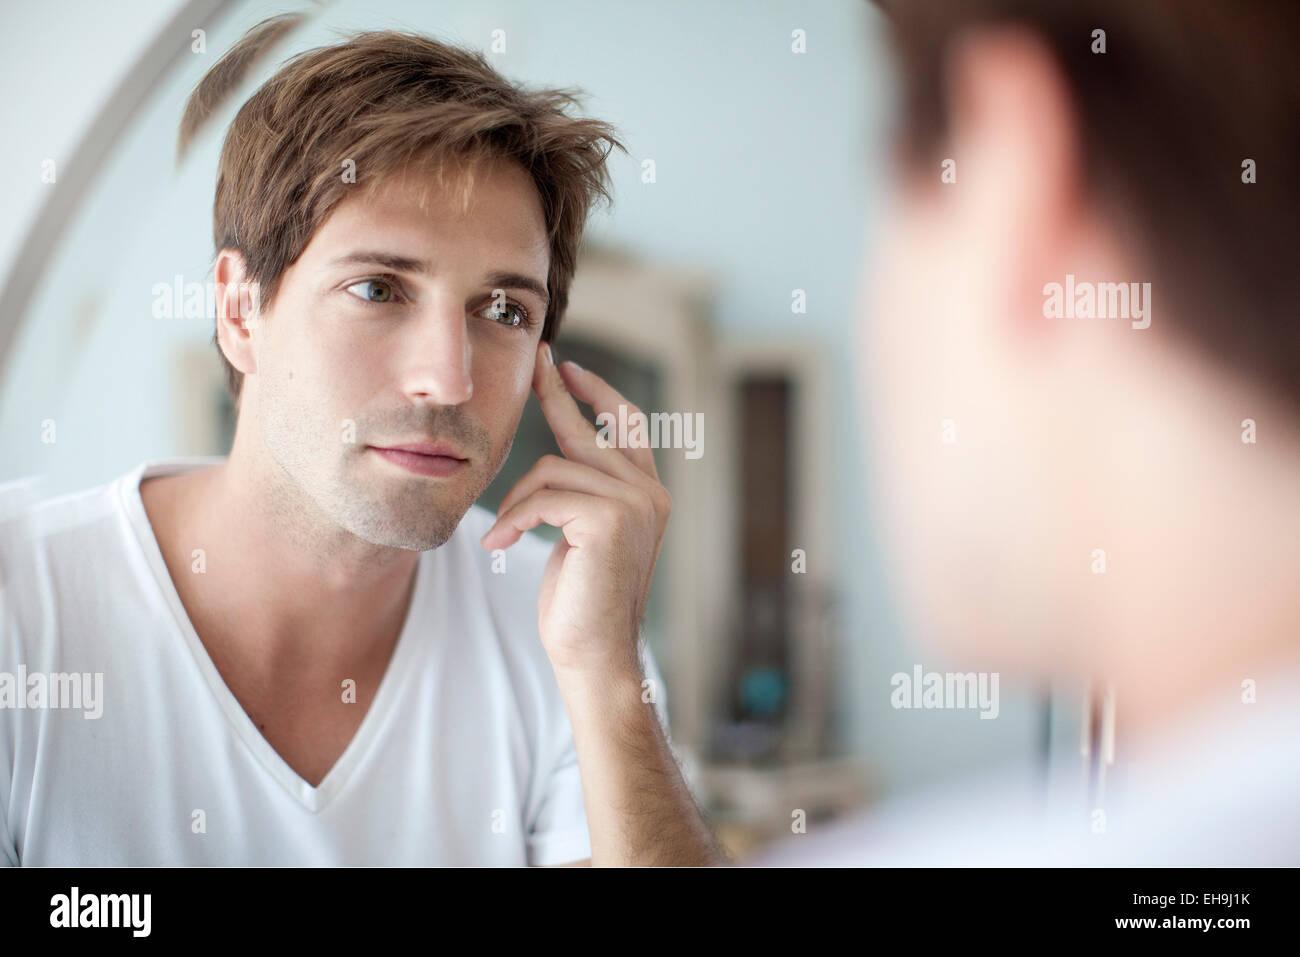 Mann selbst im Spiegel mit Besorgnis über seine Teint betrachten Stockbild